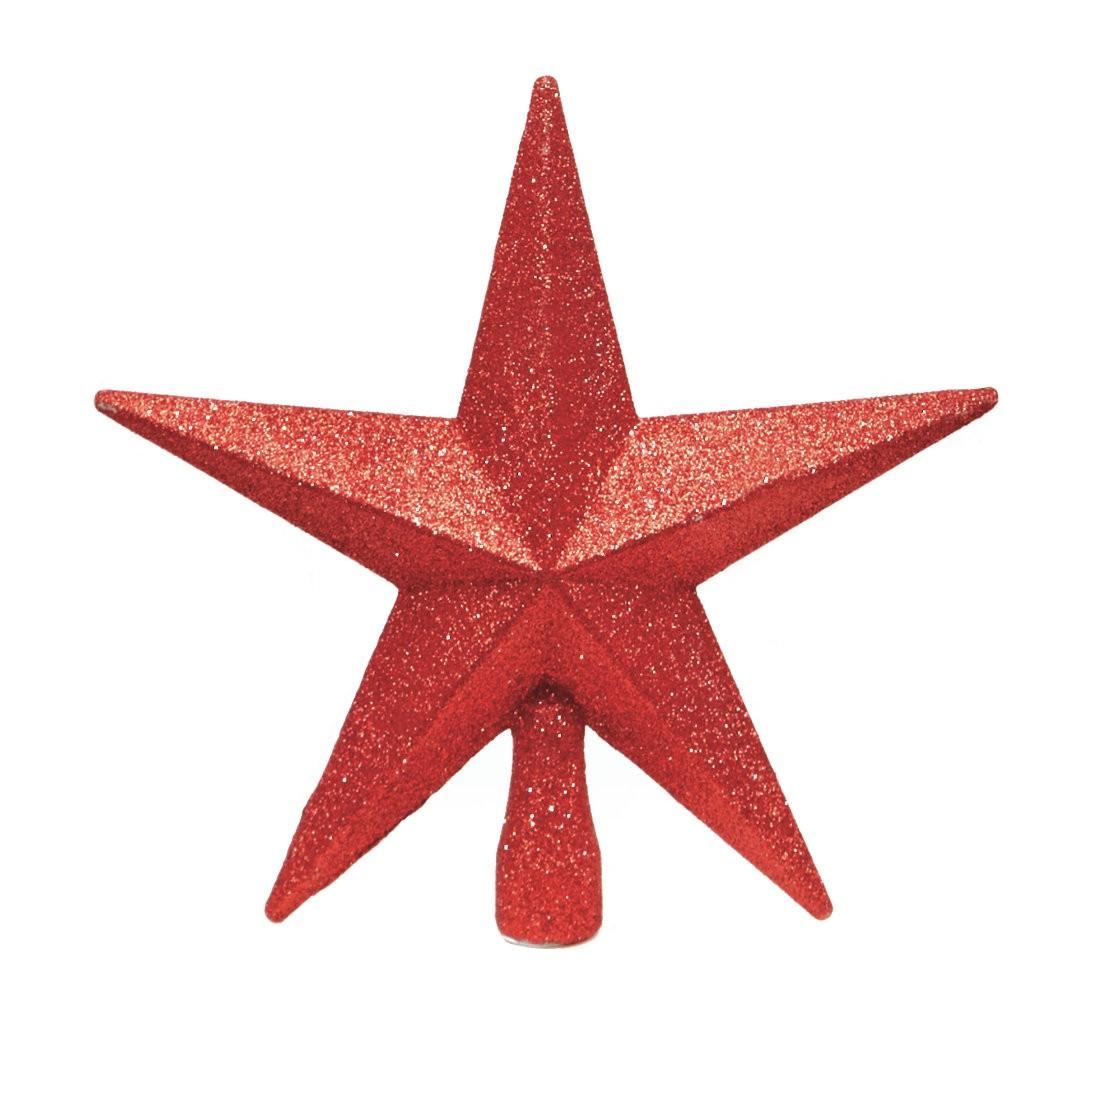 Red Christmas Tree Topper Glitter Star